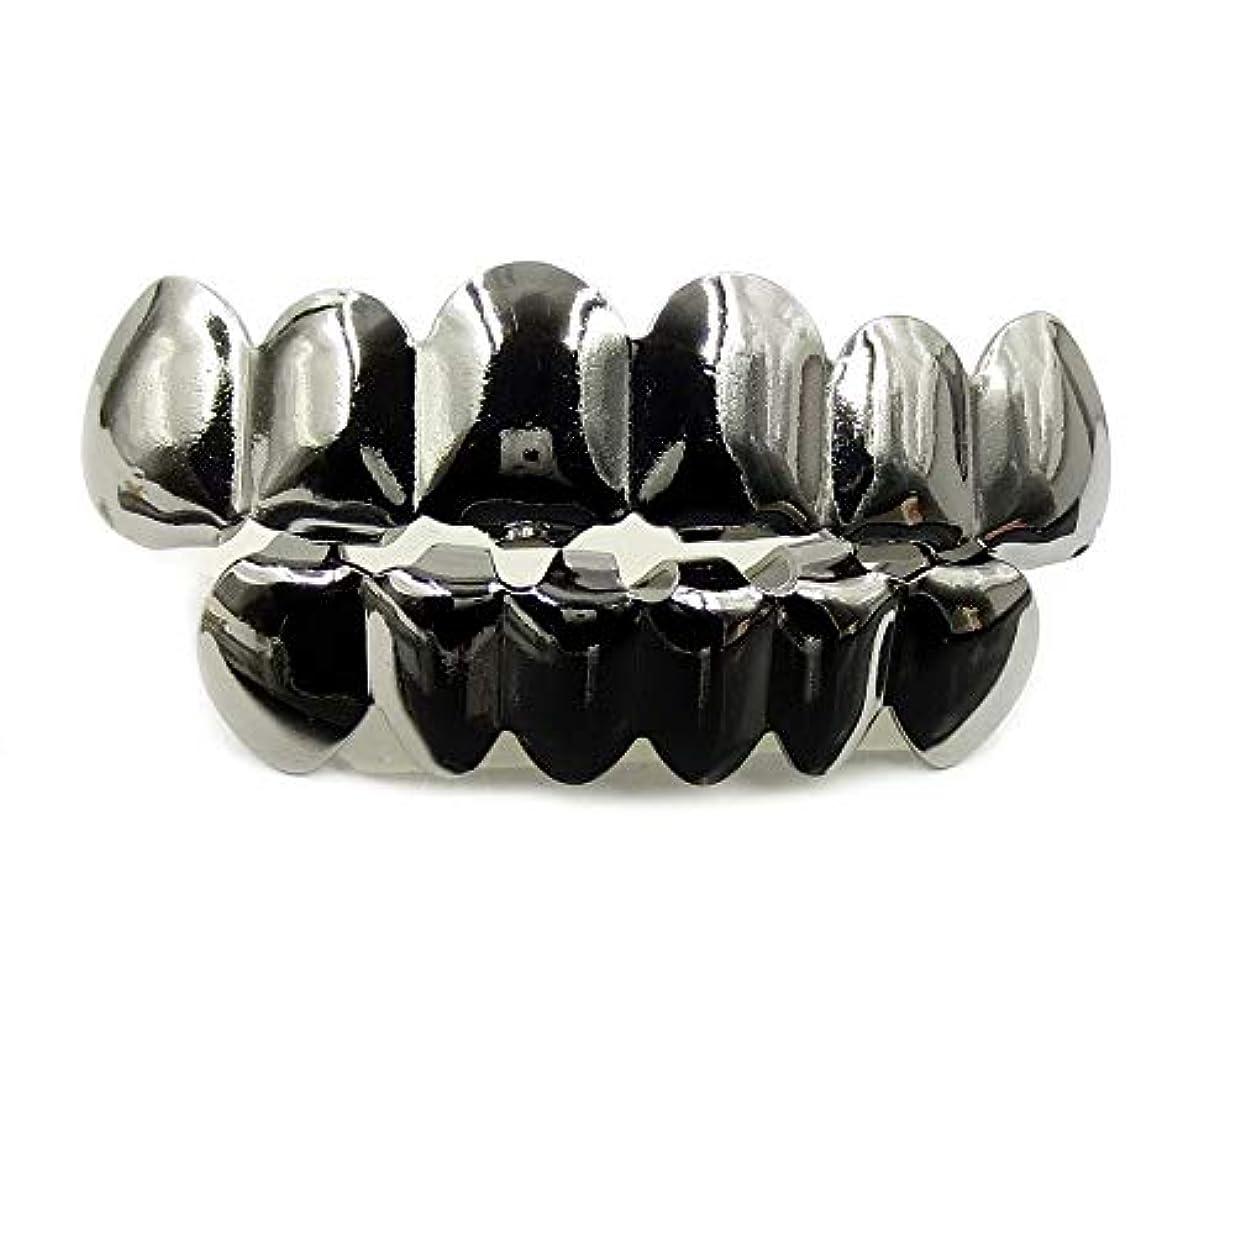 に頼るクリーナーデモンストレーションヨーロッパ系アメリカ人INS最もホットなヒップホップの歯キャップ、ゴールド&ブラック&シルバー歯ブレースゴールドプレート口の歯 (Color : Black)